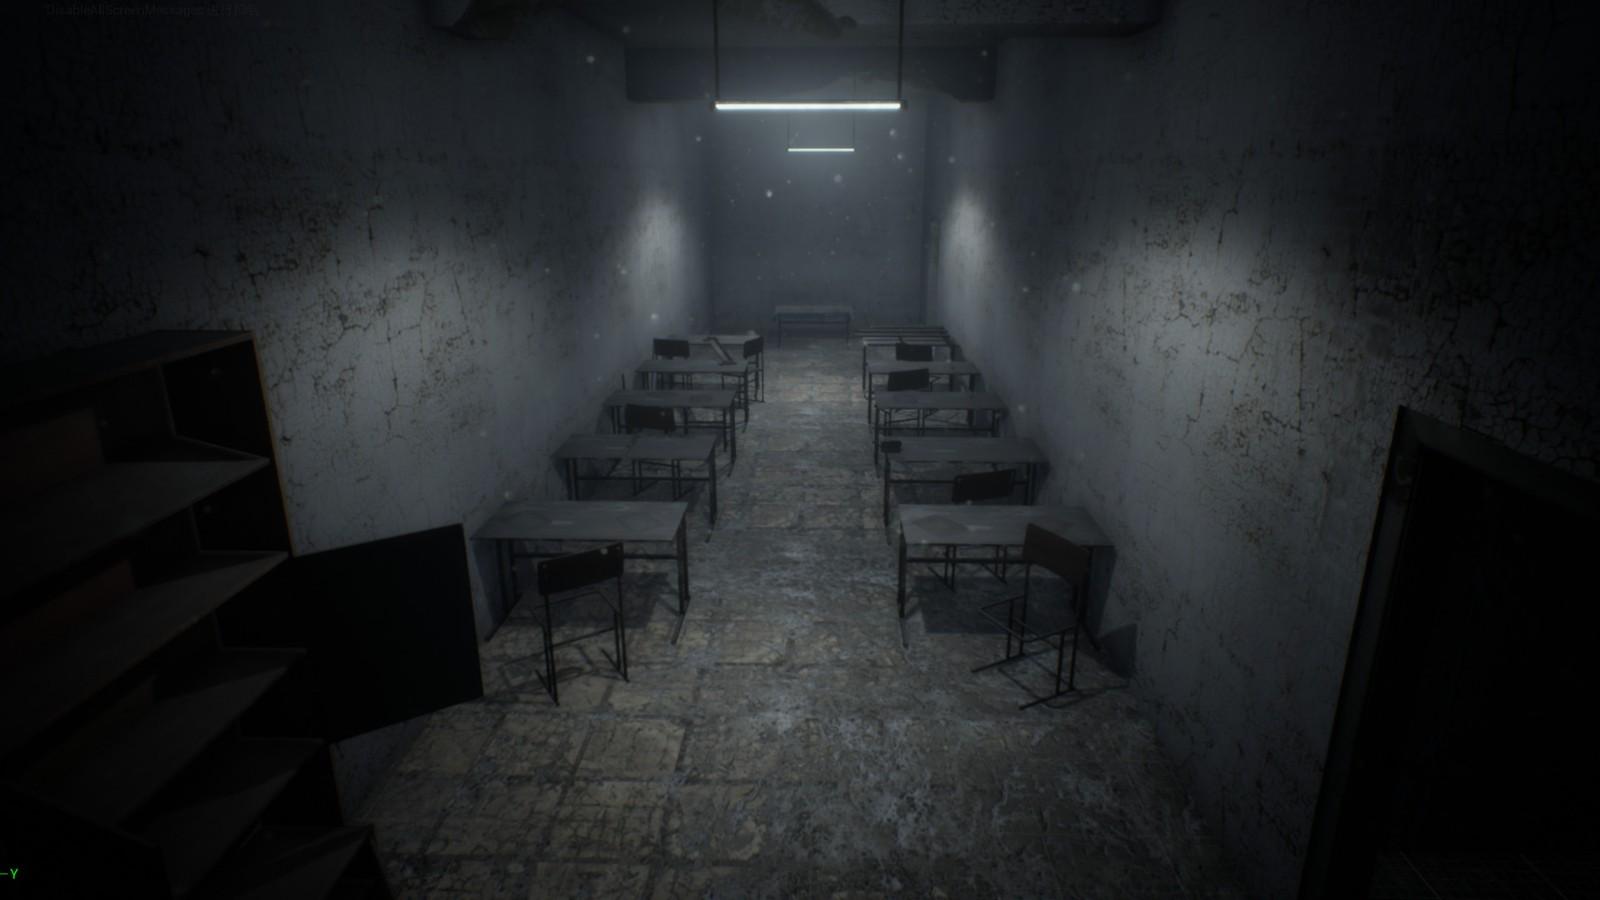 国产恐怖游戏《三教》上架Steam 今年夏天发售